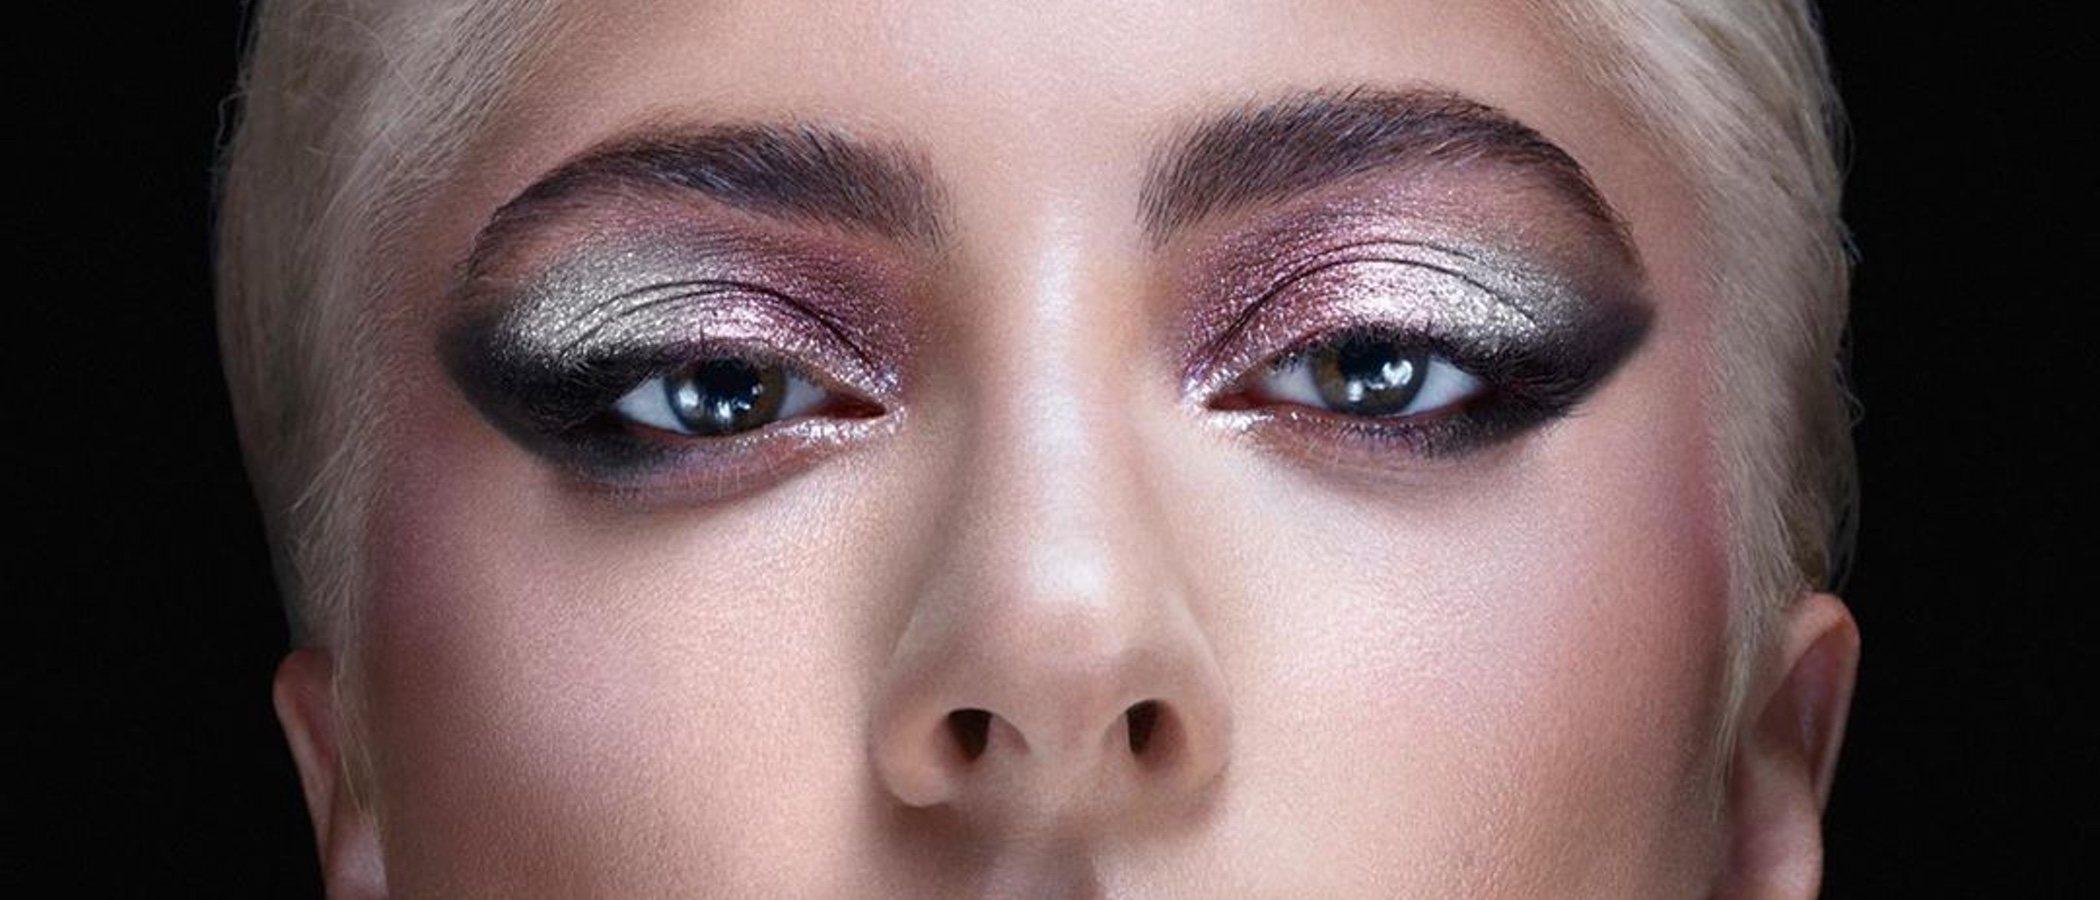 Ya puedes comprar los productos favoritos de la nueva colección de maquillaje de Lady Gaga